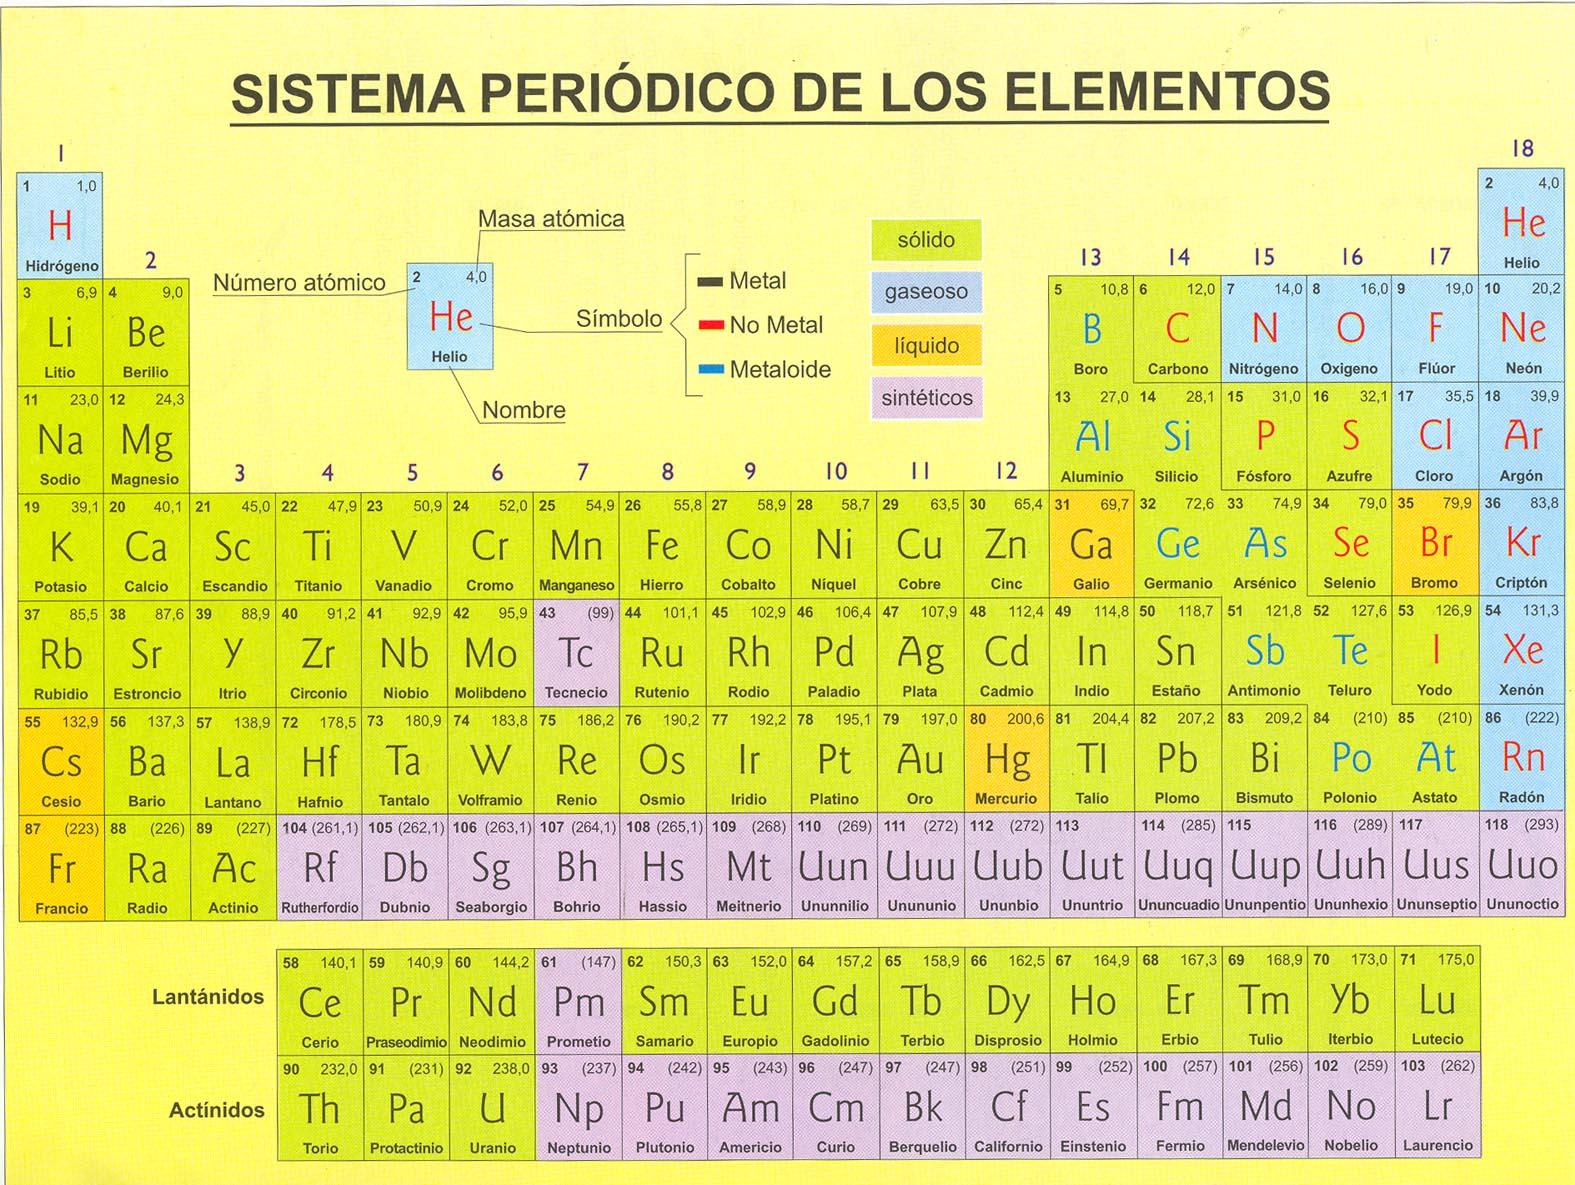 Conceptos bsicos de la quimica clasificando la materia se puede descomponer quedando los elementos constituyentes mediante la reaccin qumica que form el compuesto estos son representados mediante frmulas urtaz Images